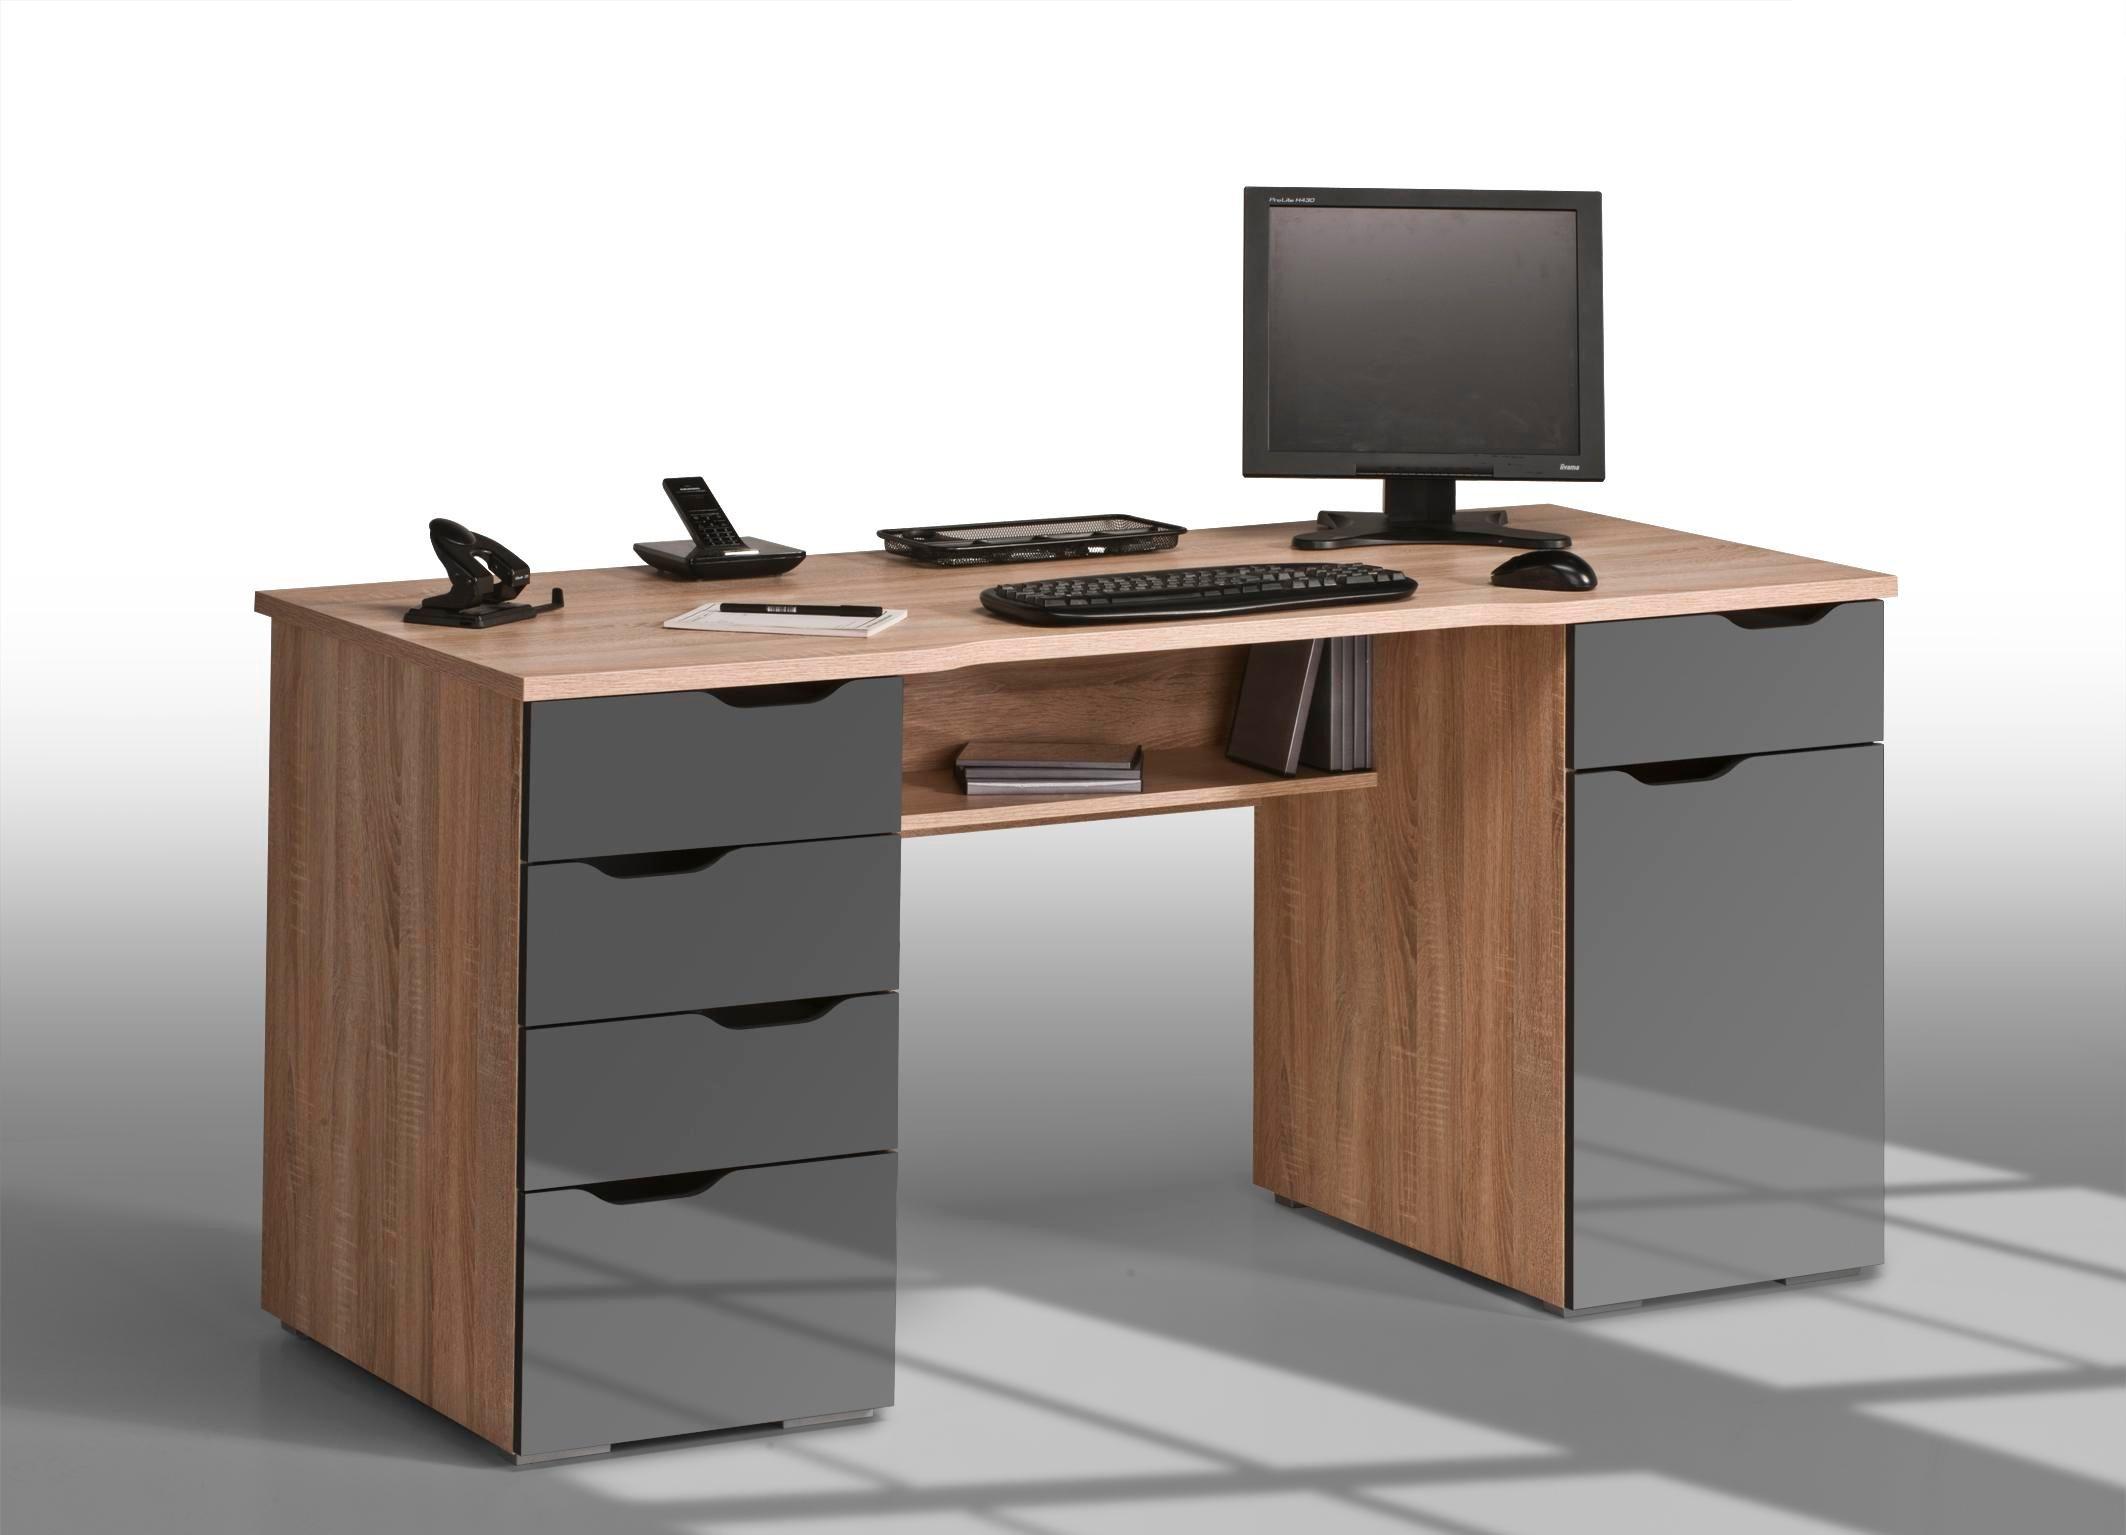 Bureau informatique design chêne sonoma-gris laqué Claudelle